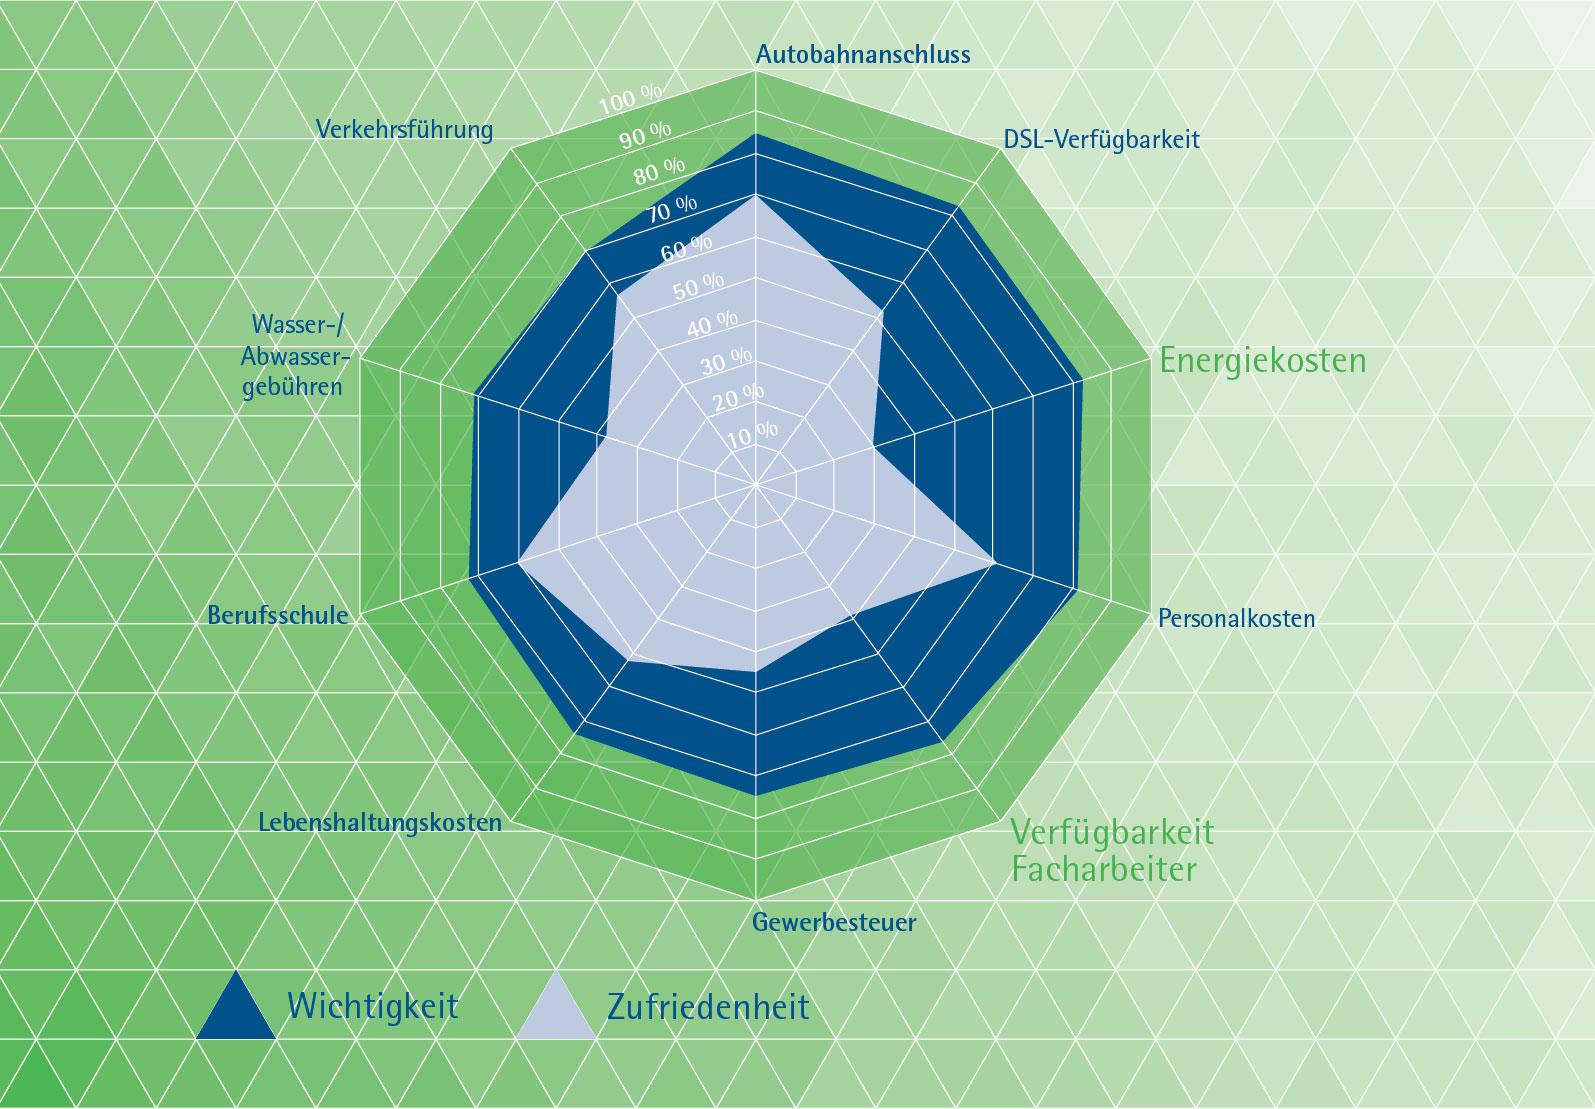 Ergebnis der Standortanalyse der IHK Südthüringen 2012